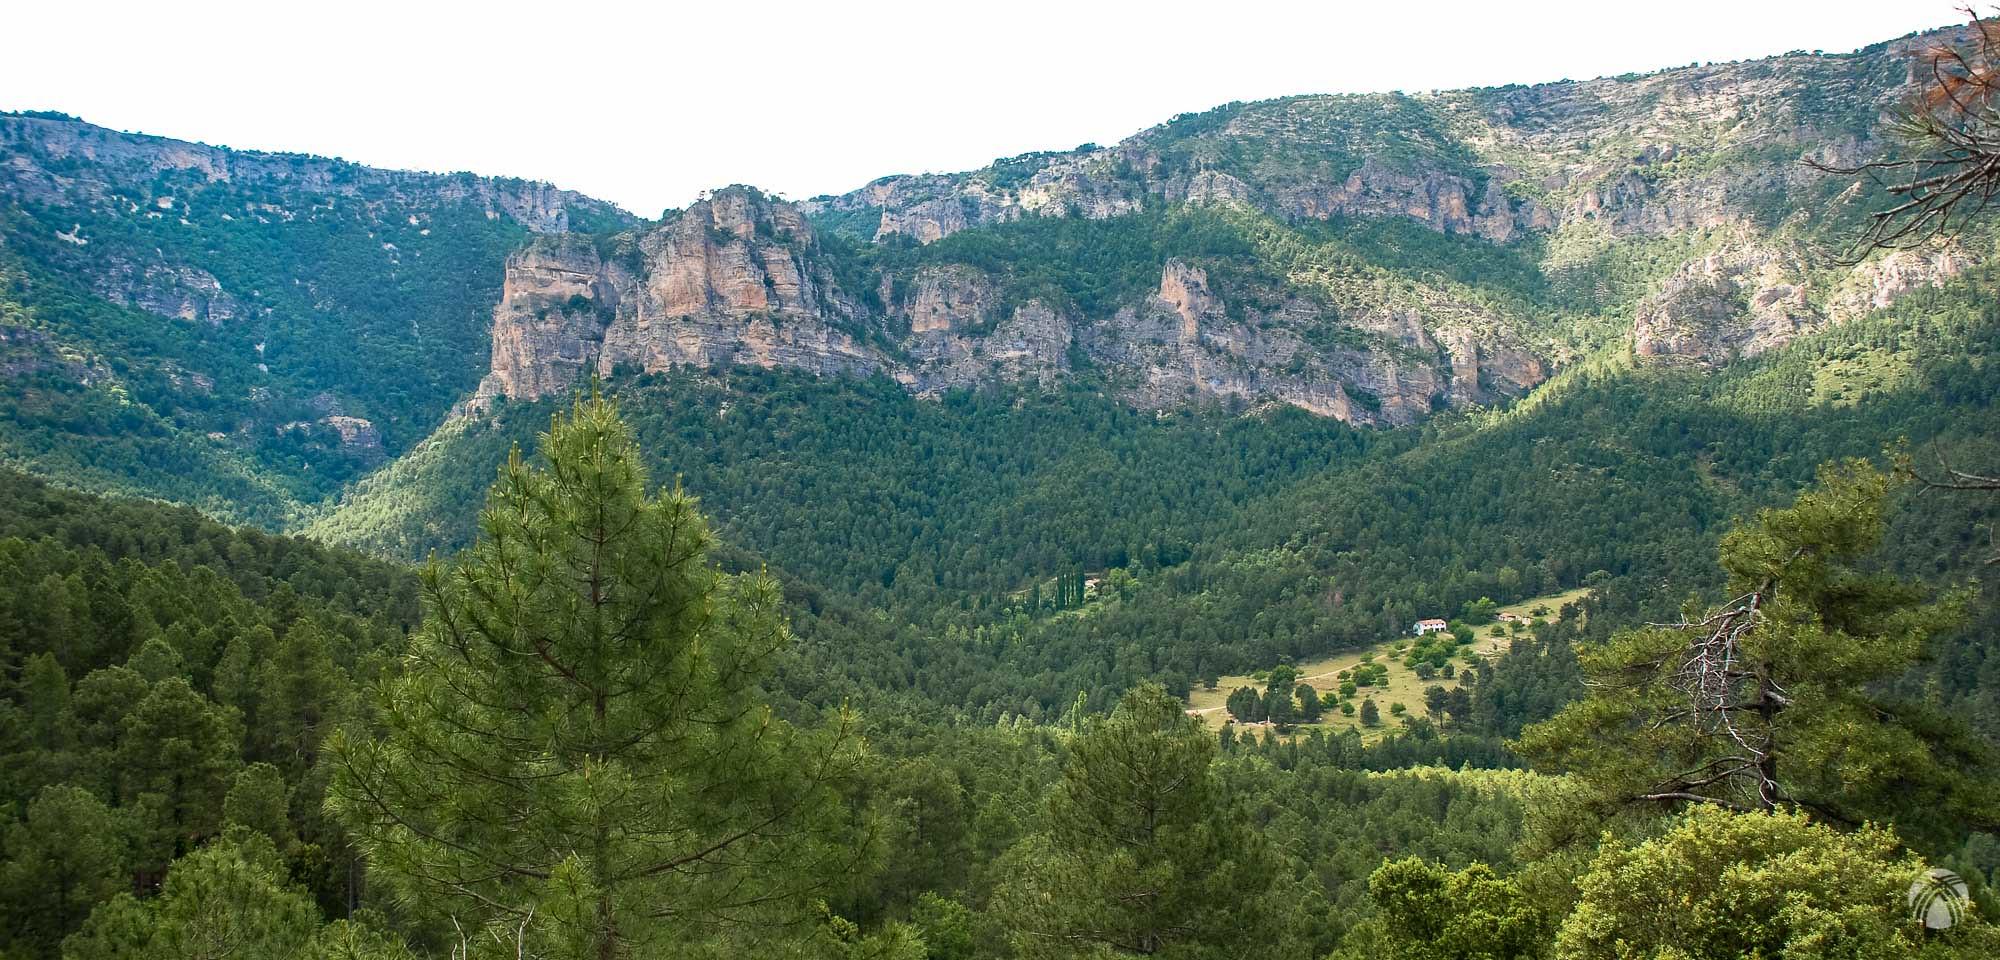 Perspectiva frontal de Peñalcón y el aserradero